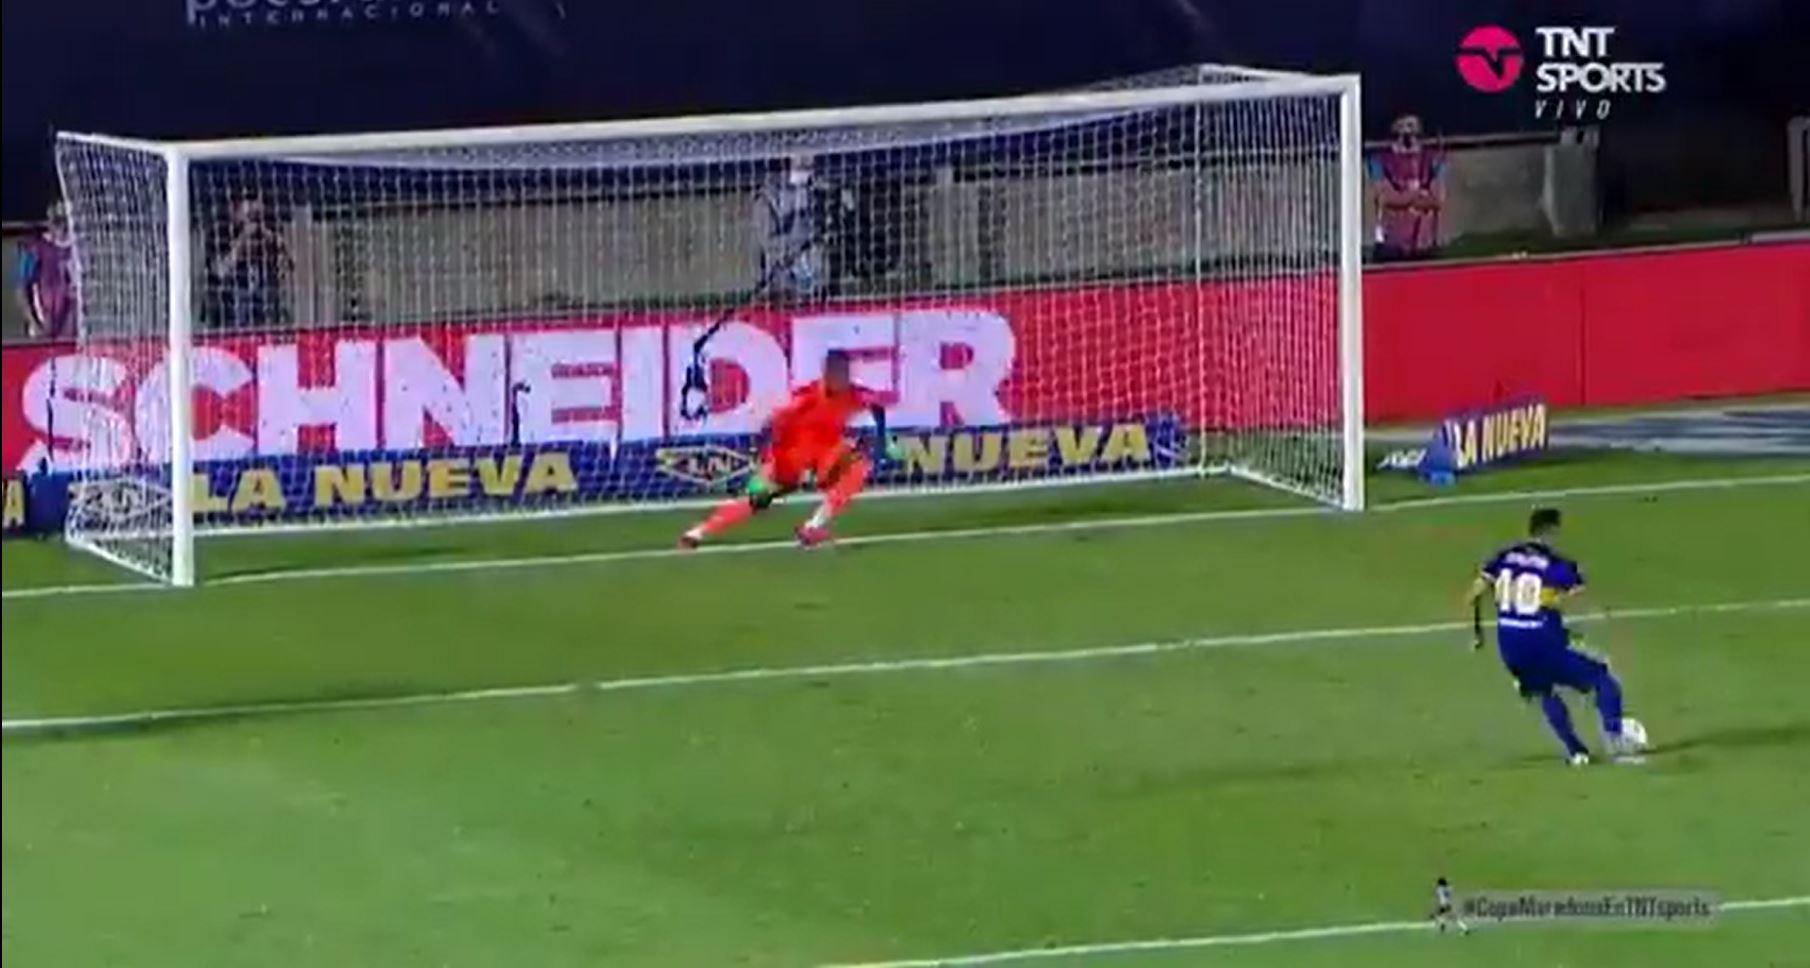 Así fue la definición por penales entre Boca y Banfield | TNT Sports